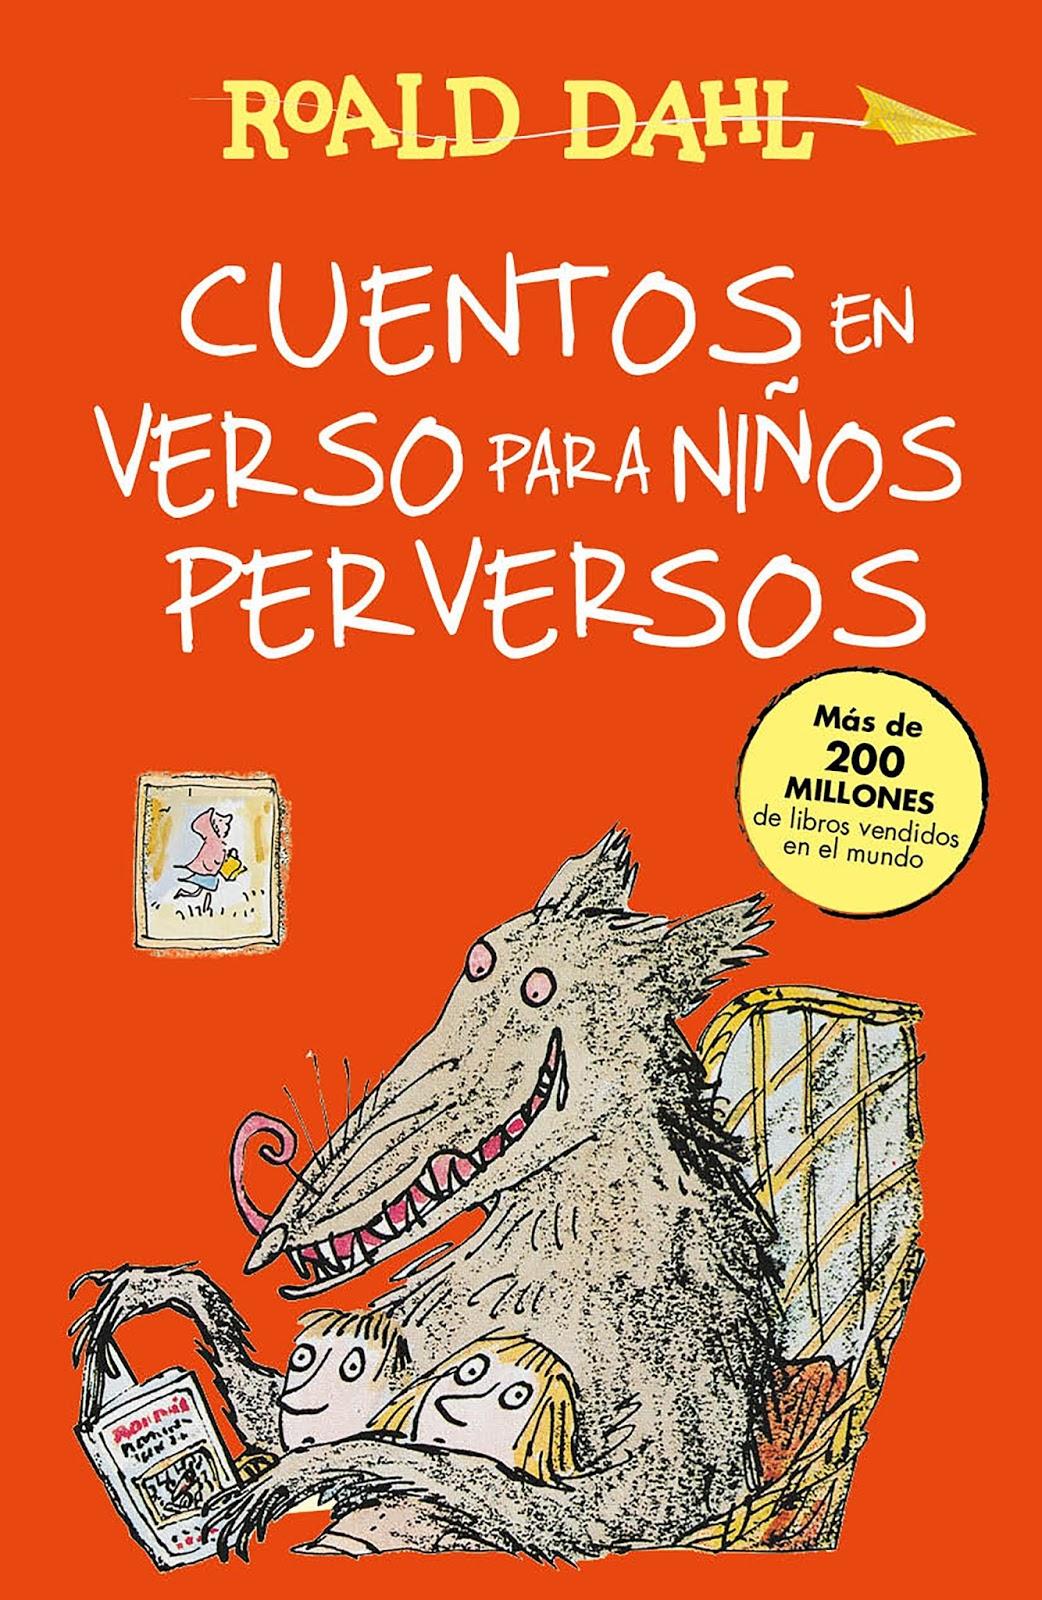 Nino Verso